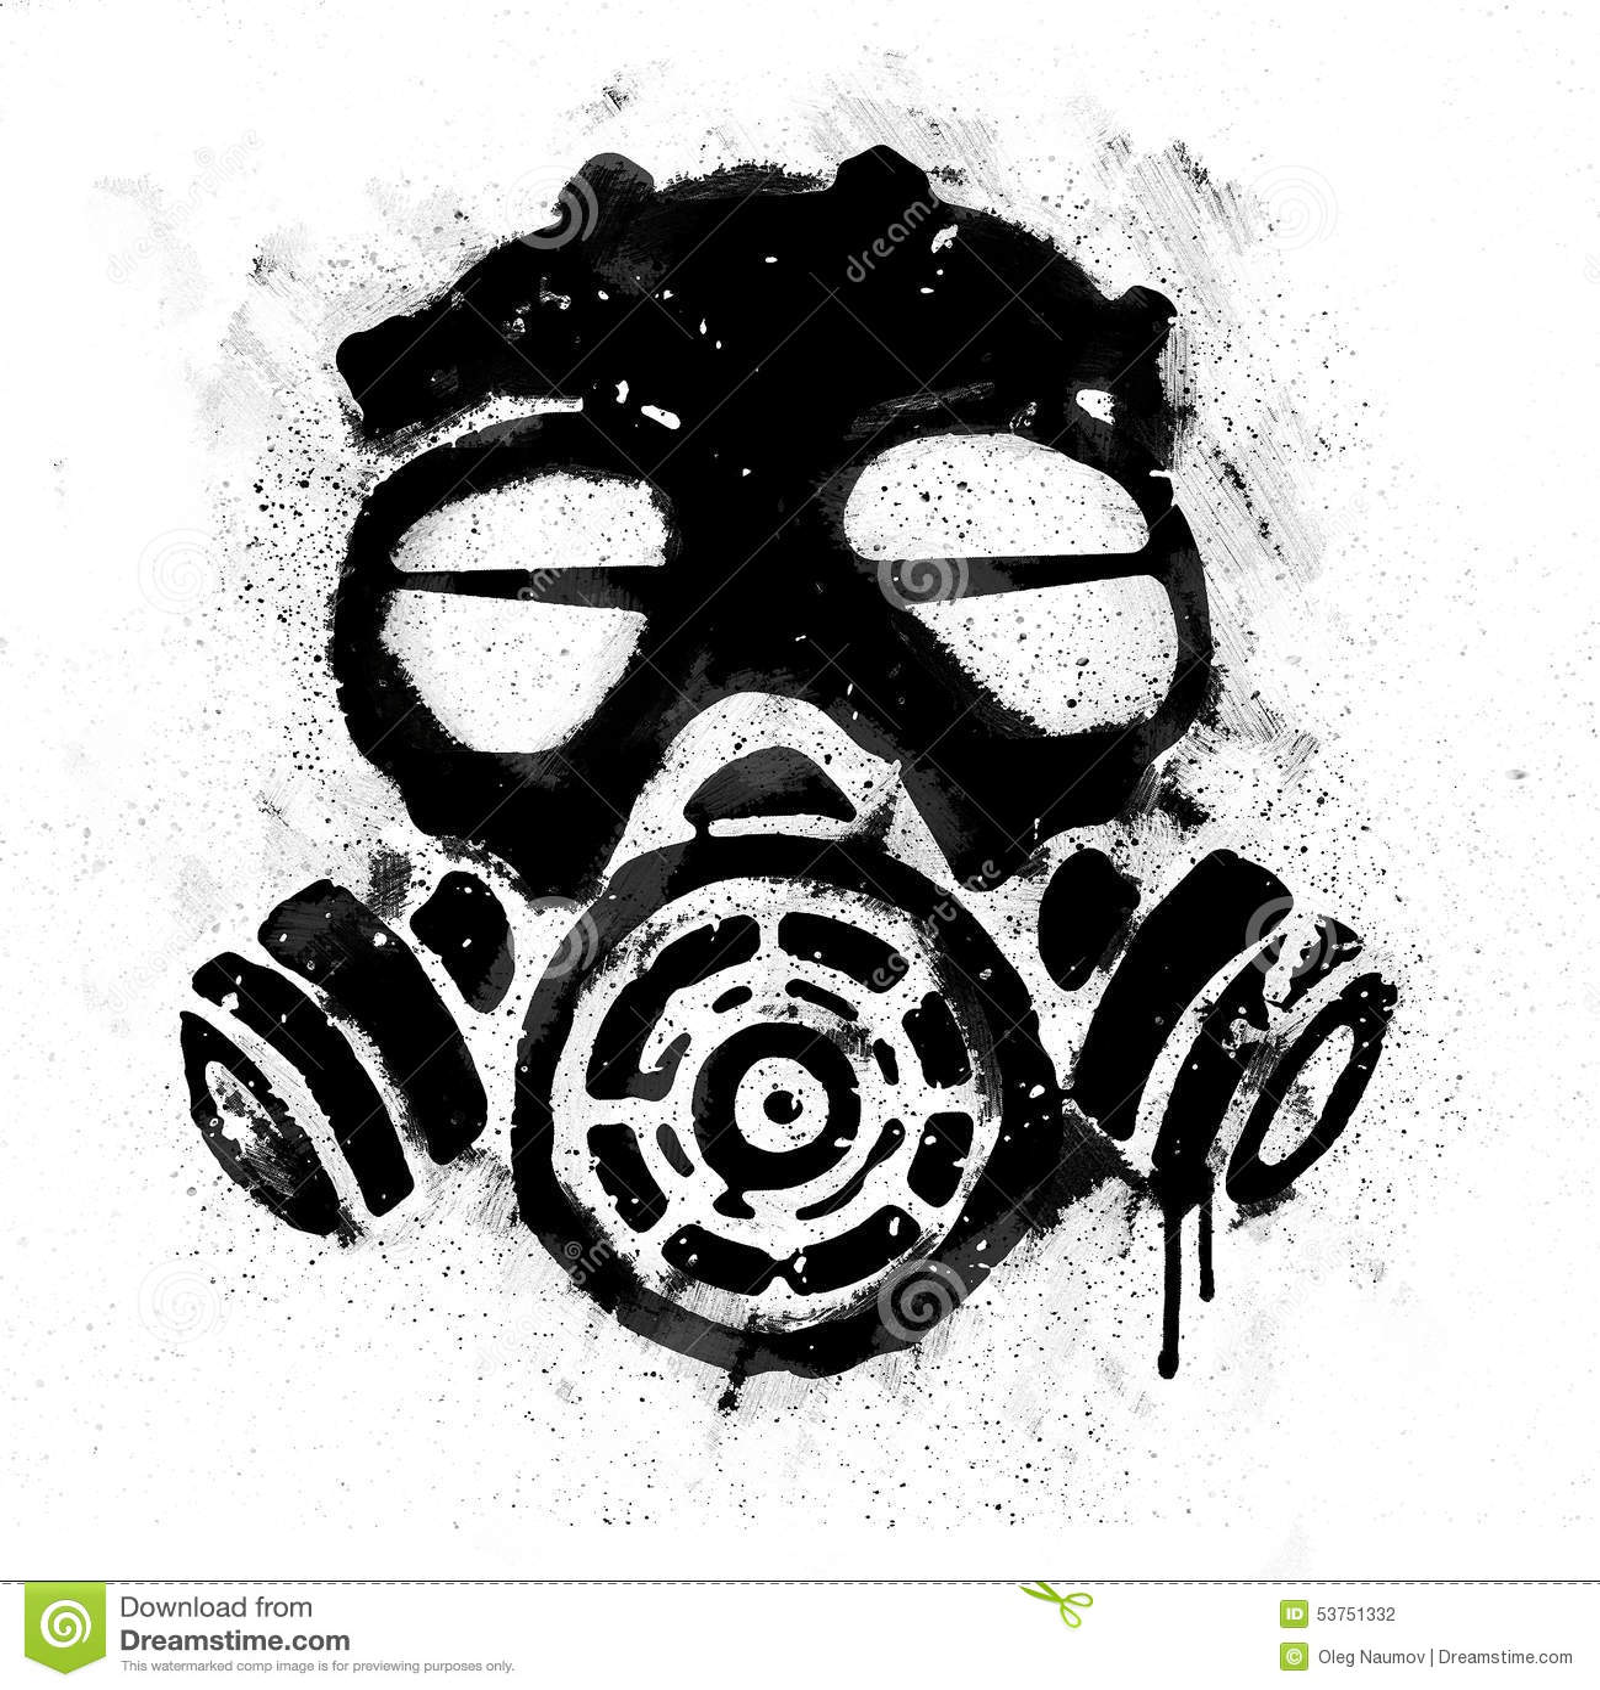 Gas Mask Graffiti Stencil   www.imgkid.com - The Image Kid ...